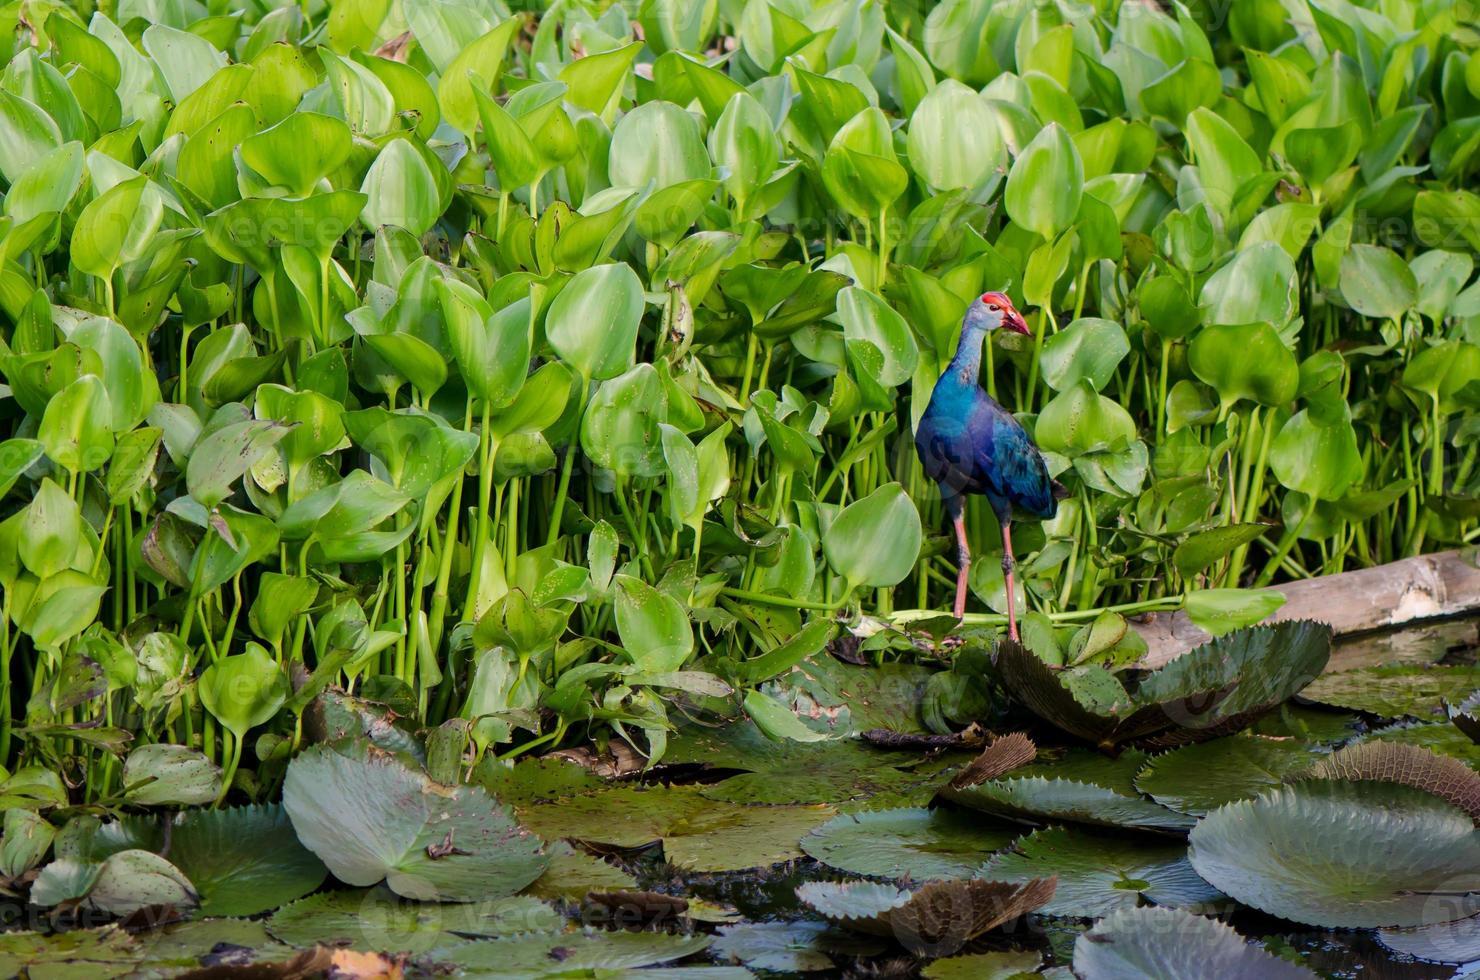 kleurrijke vogel lopen op het lotusblad foto